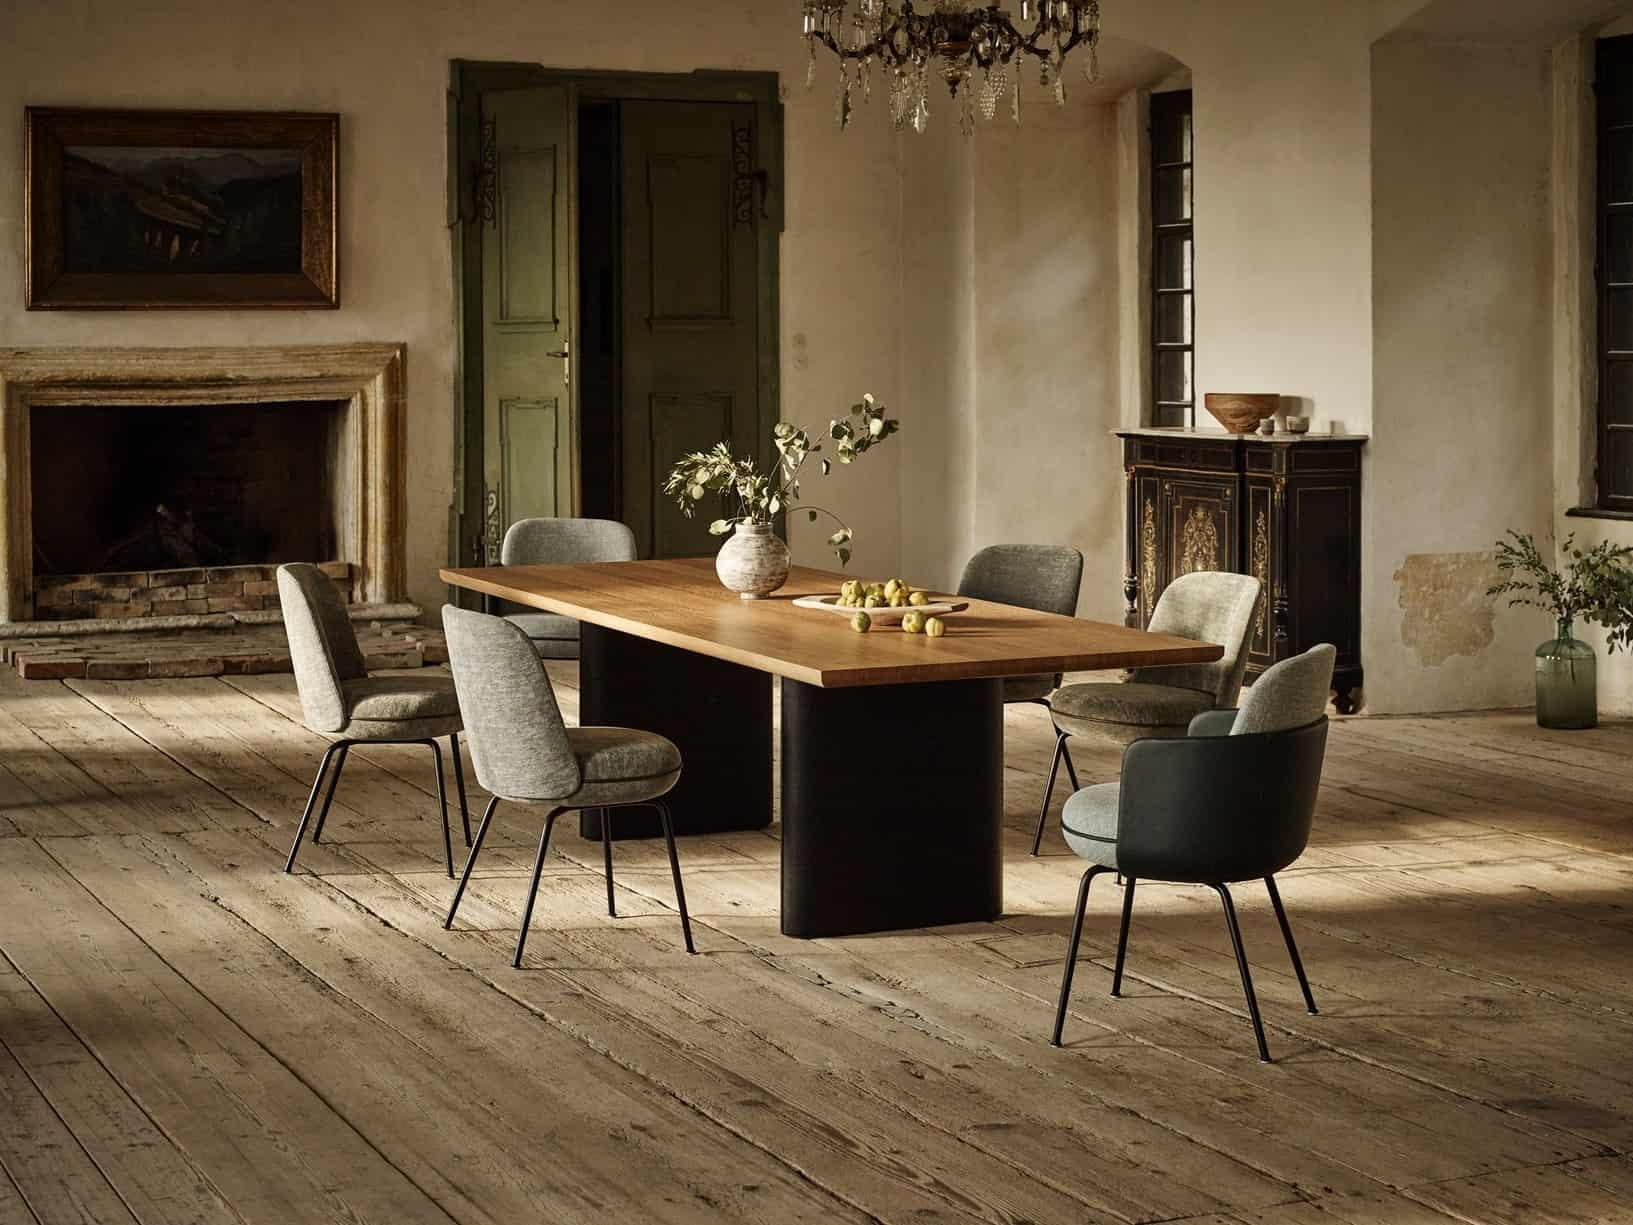 Wittmann - Merwyn asztal és székek